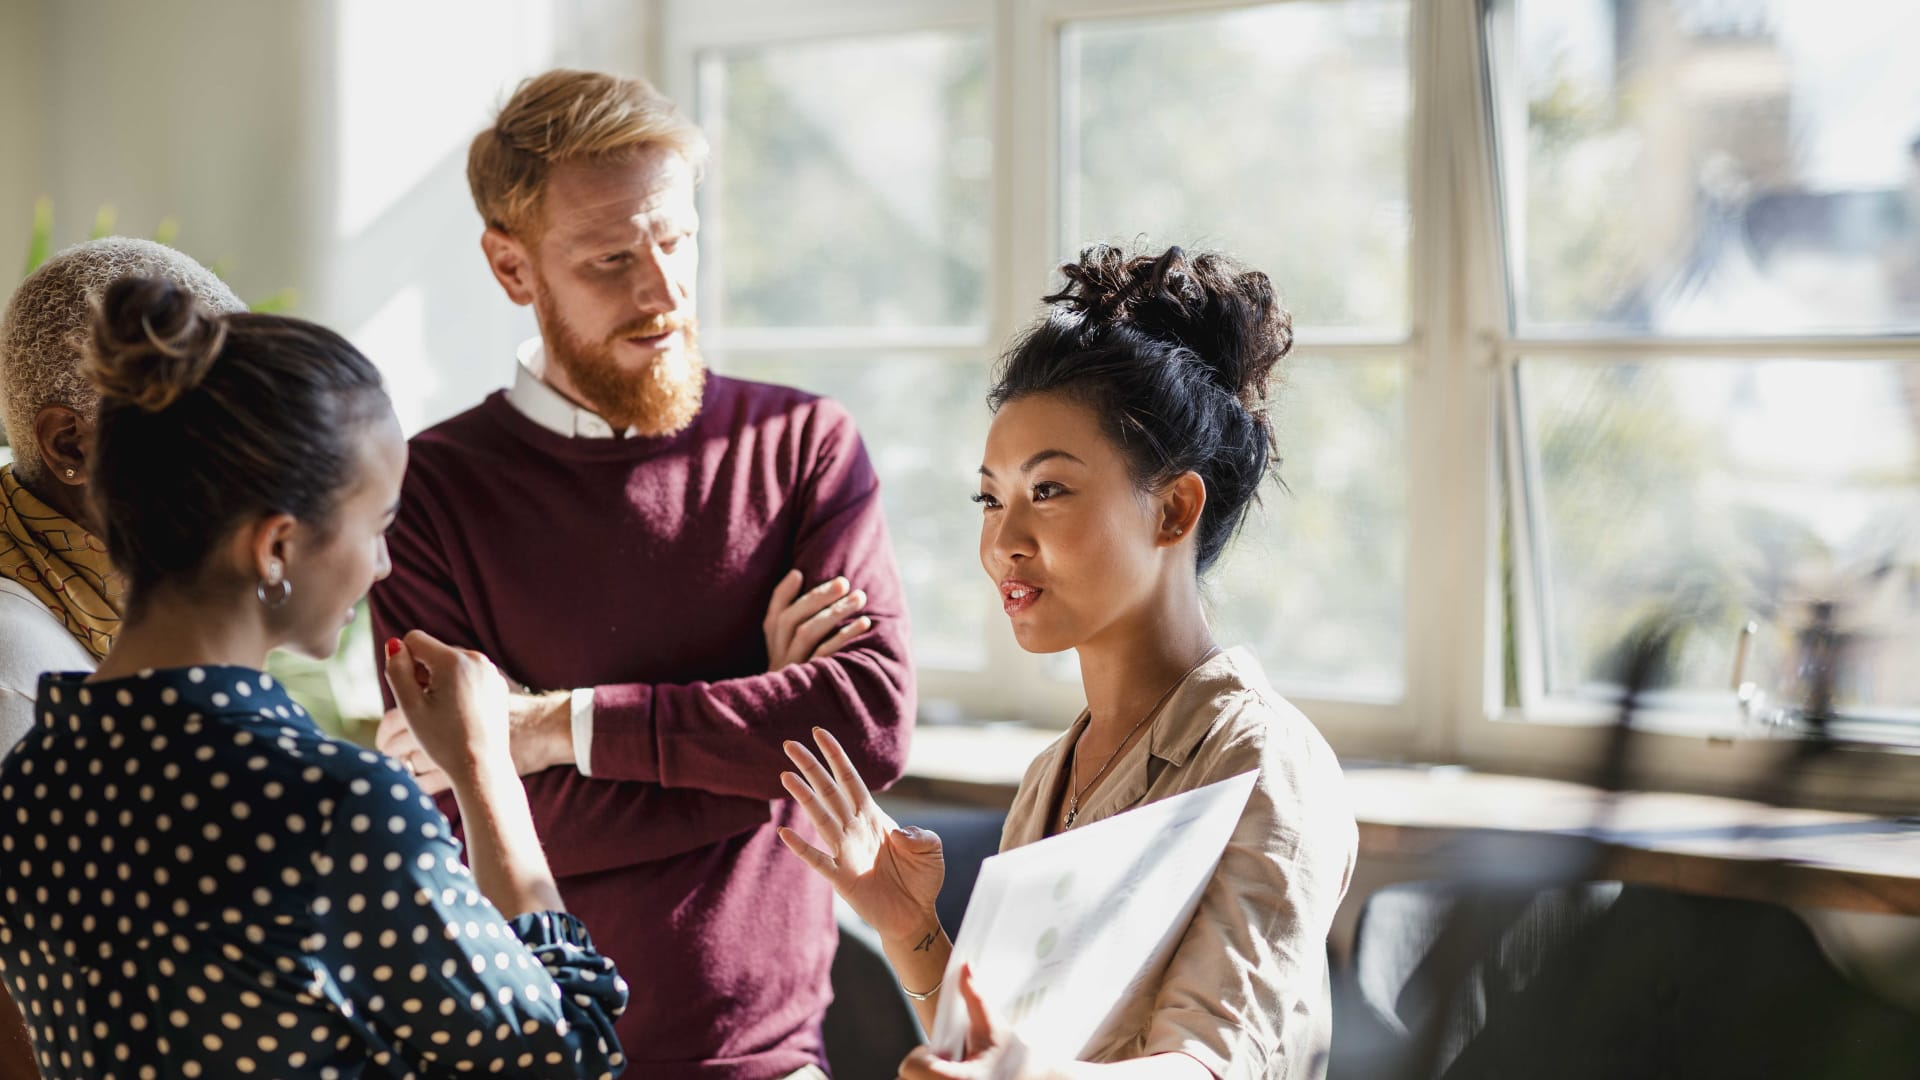 6 Qualities to Seek and Nurture in New Team Members